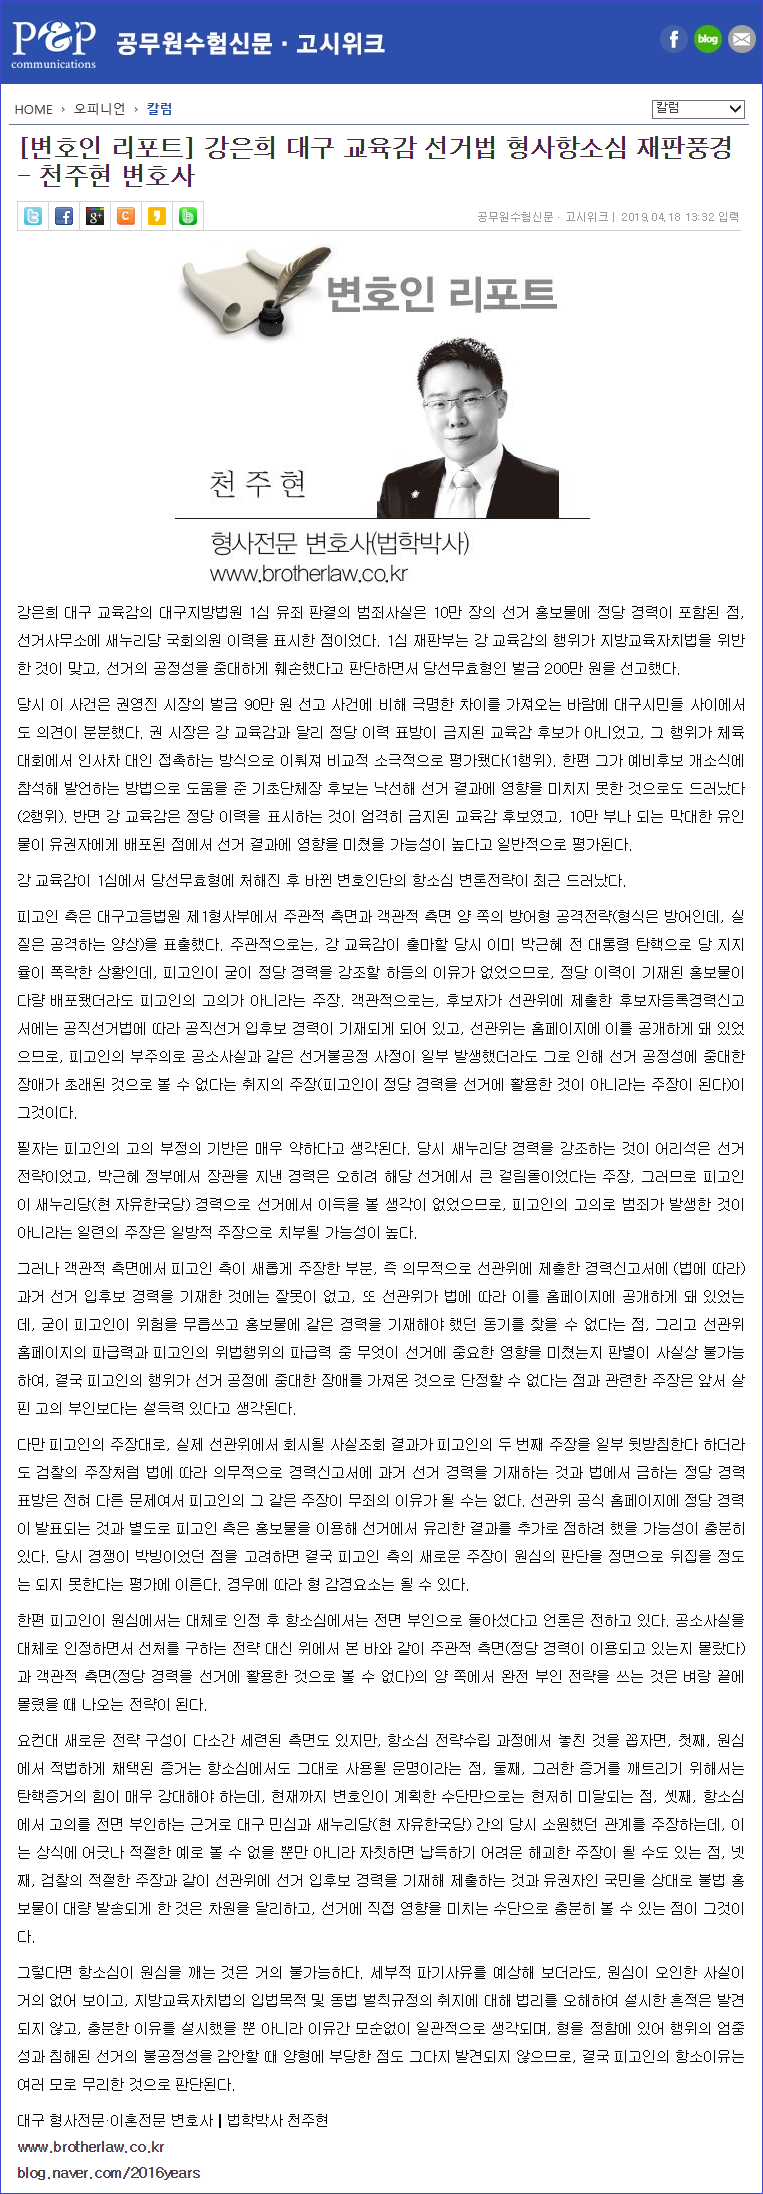 190418-온라인 기사(강은희 대구 교육감 선거법 형사항소심 재판풍경).png